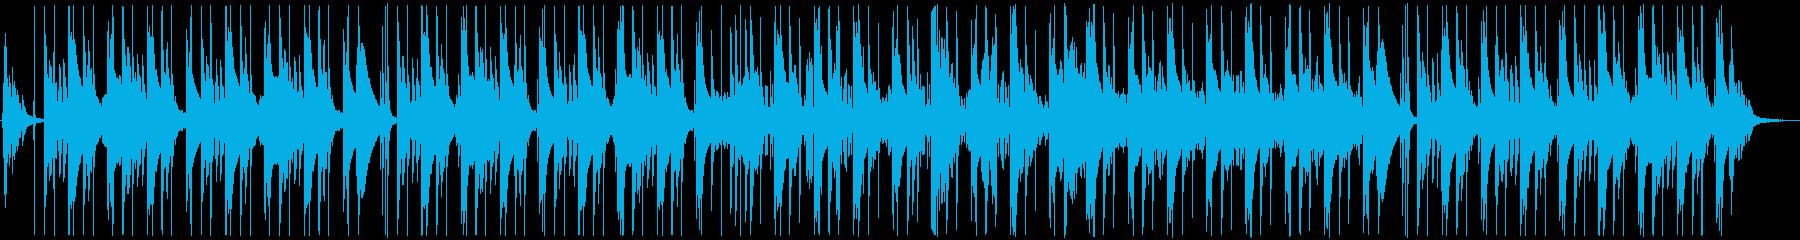 切なさとダークな雰囲気を併せ持つトラップの再生済みの波形